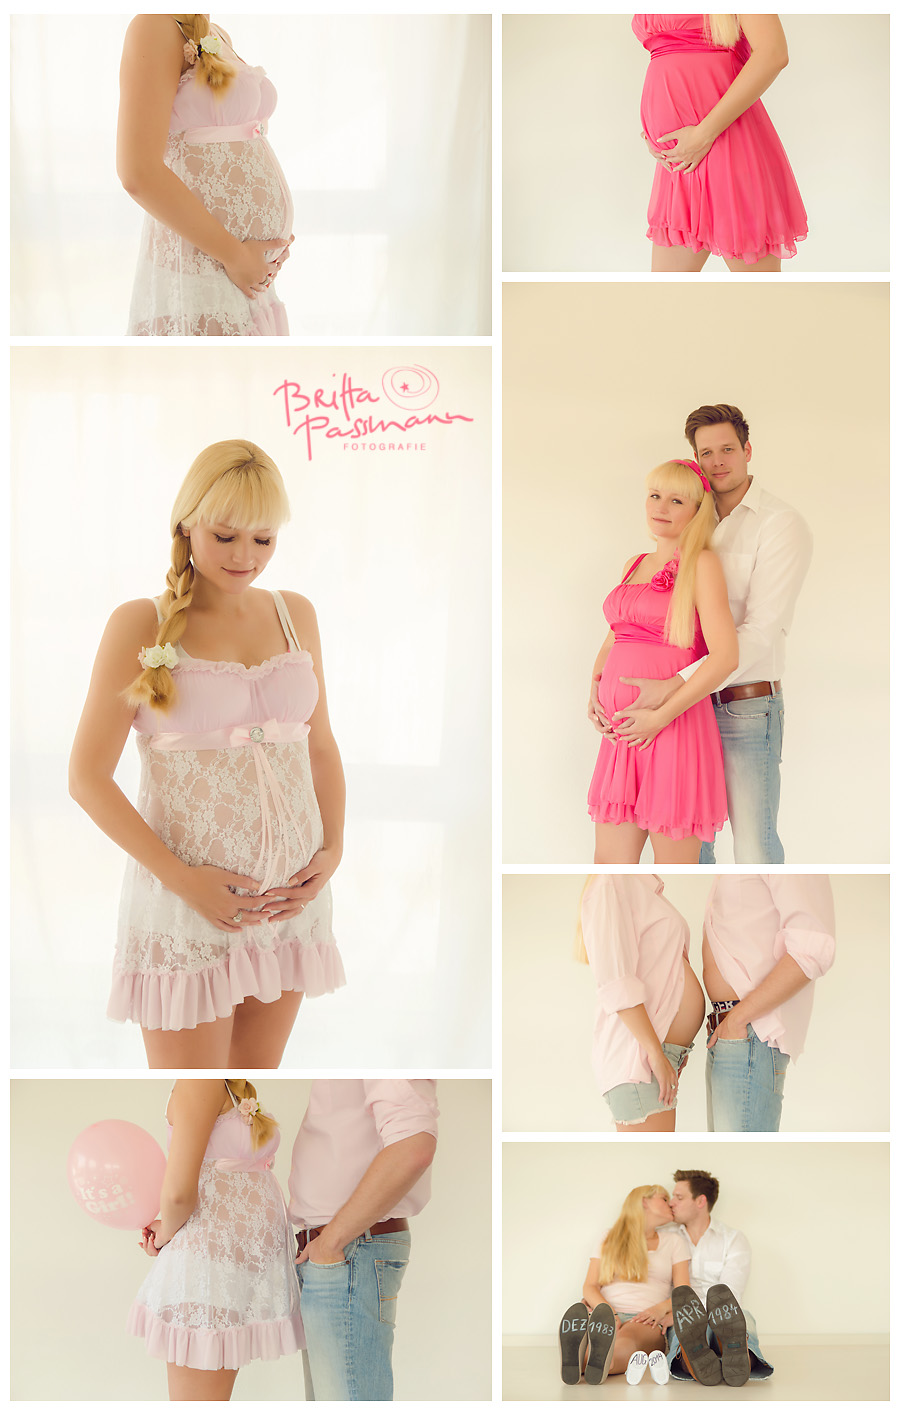 Babybauchfotos Dortmund Schwangerschaftsfotos